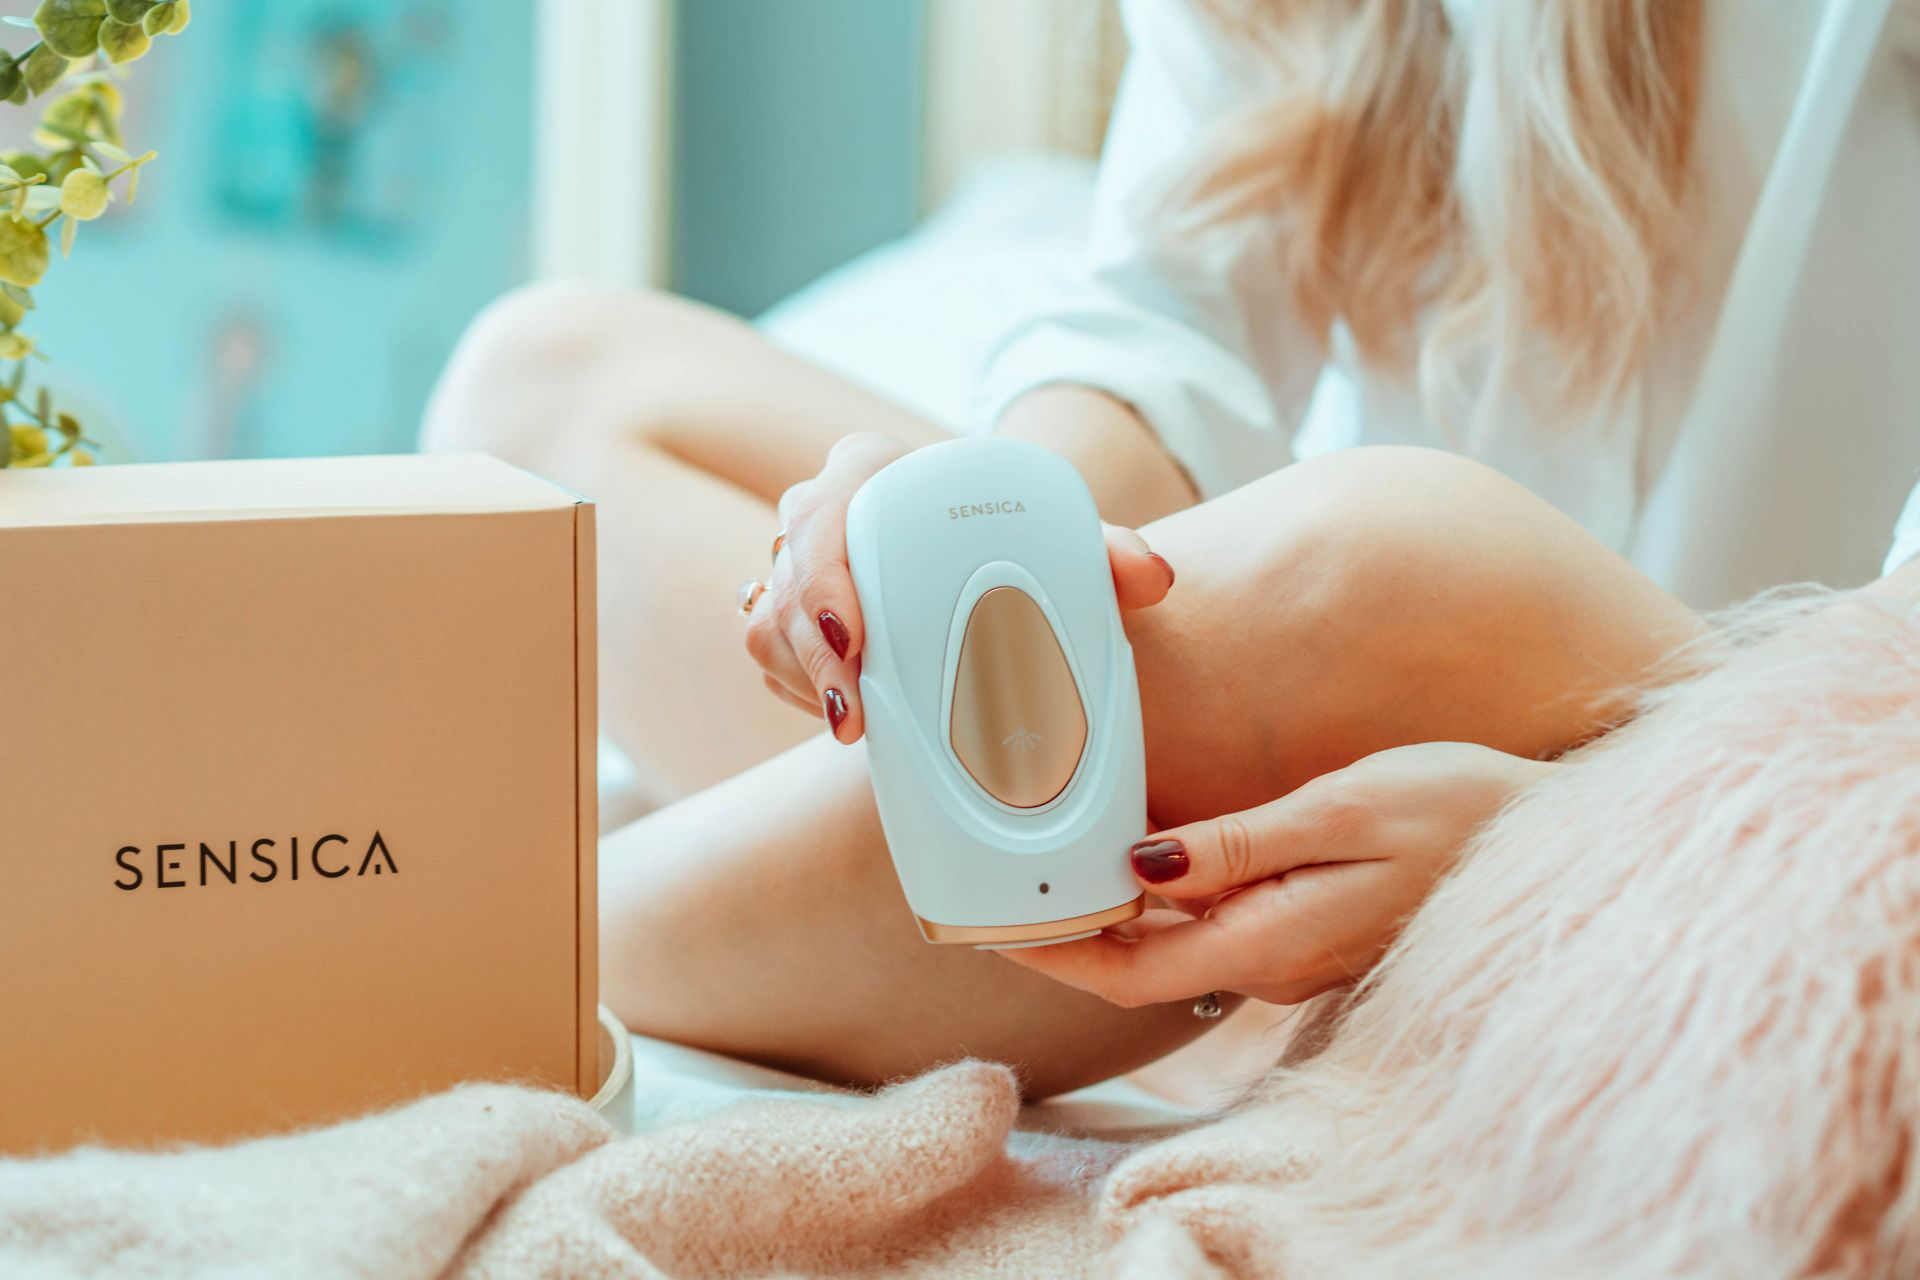 Sensica Review